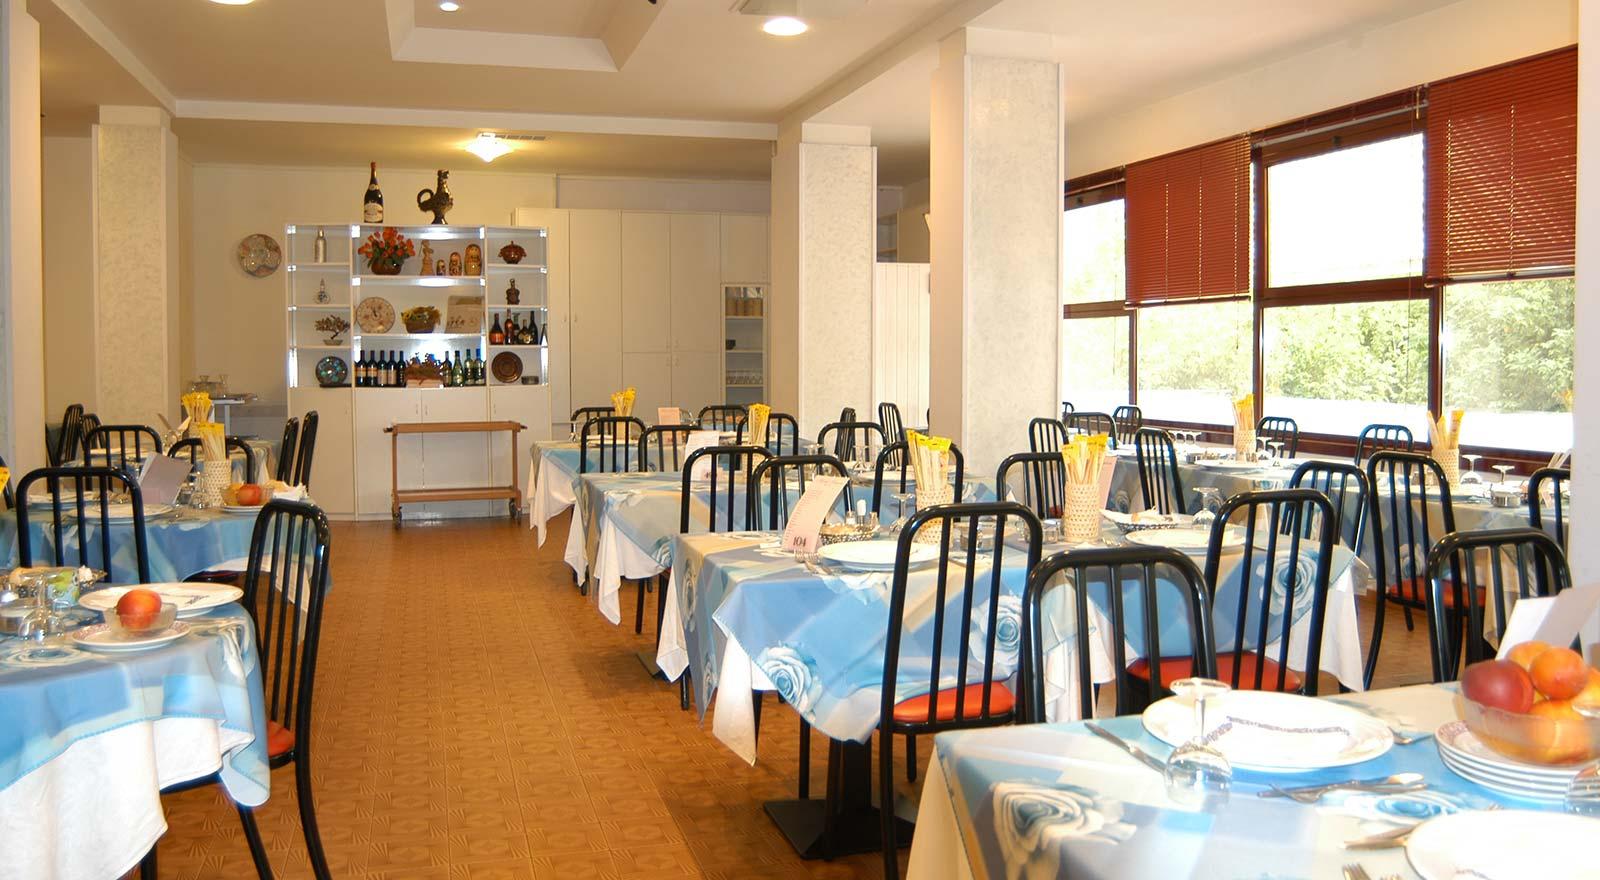 Family hotel gatteo mare all inclusive con piscina hotel for Hotel amati riccione prezzi